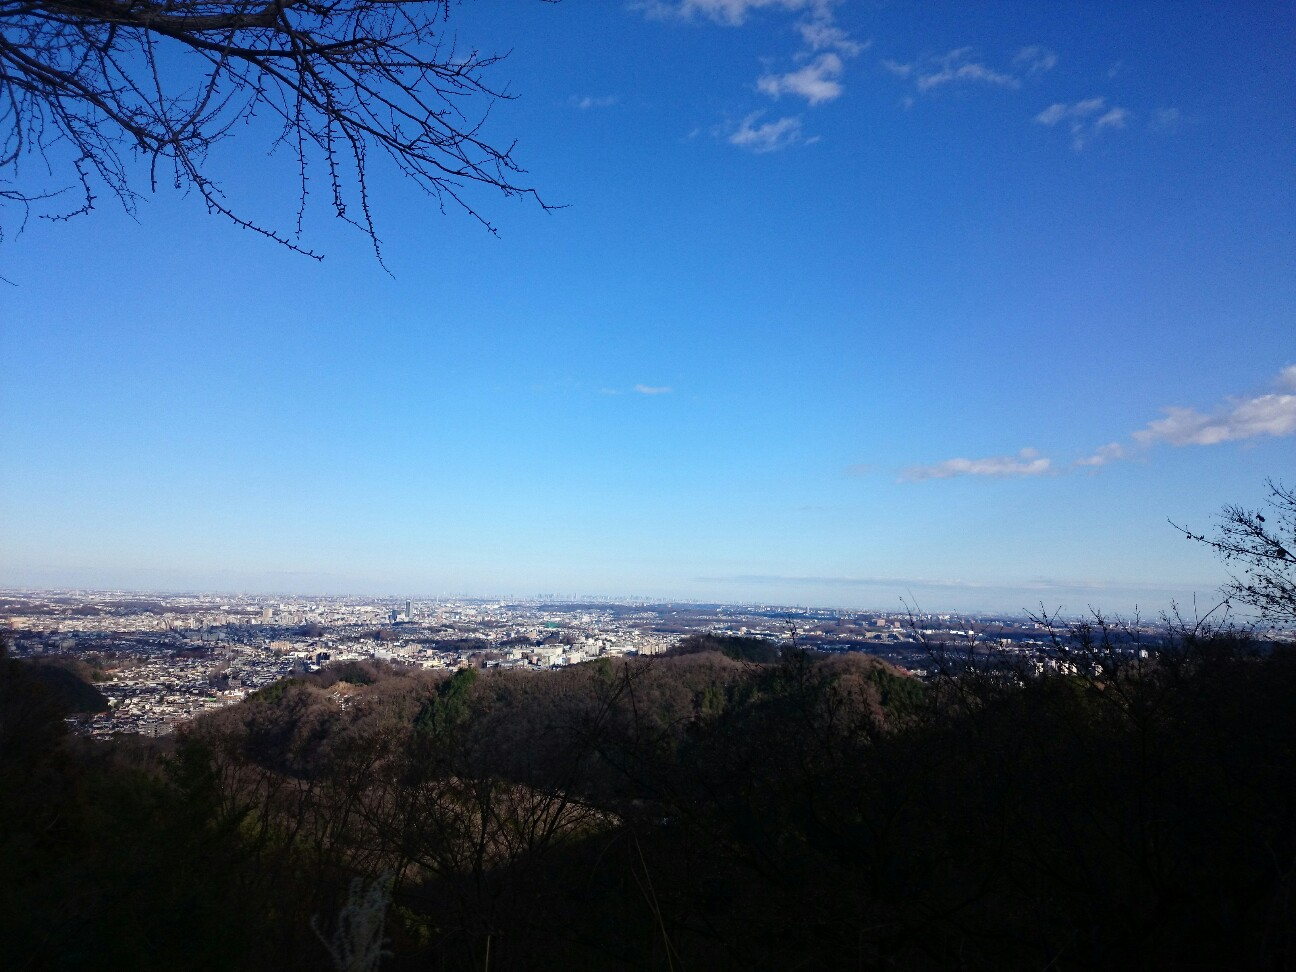 f:id:toutsuki:20200101152017j:image